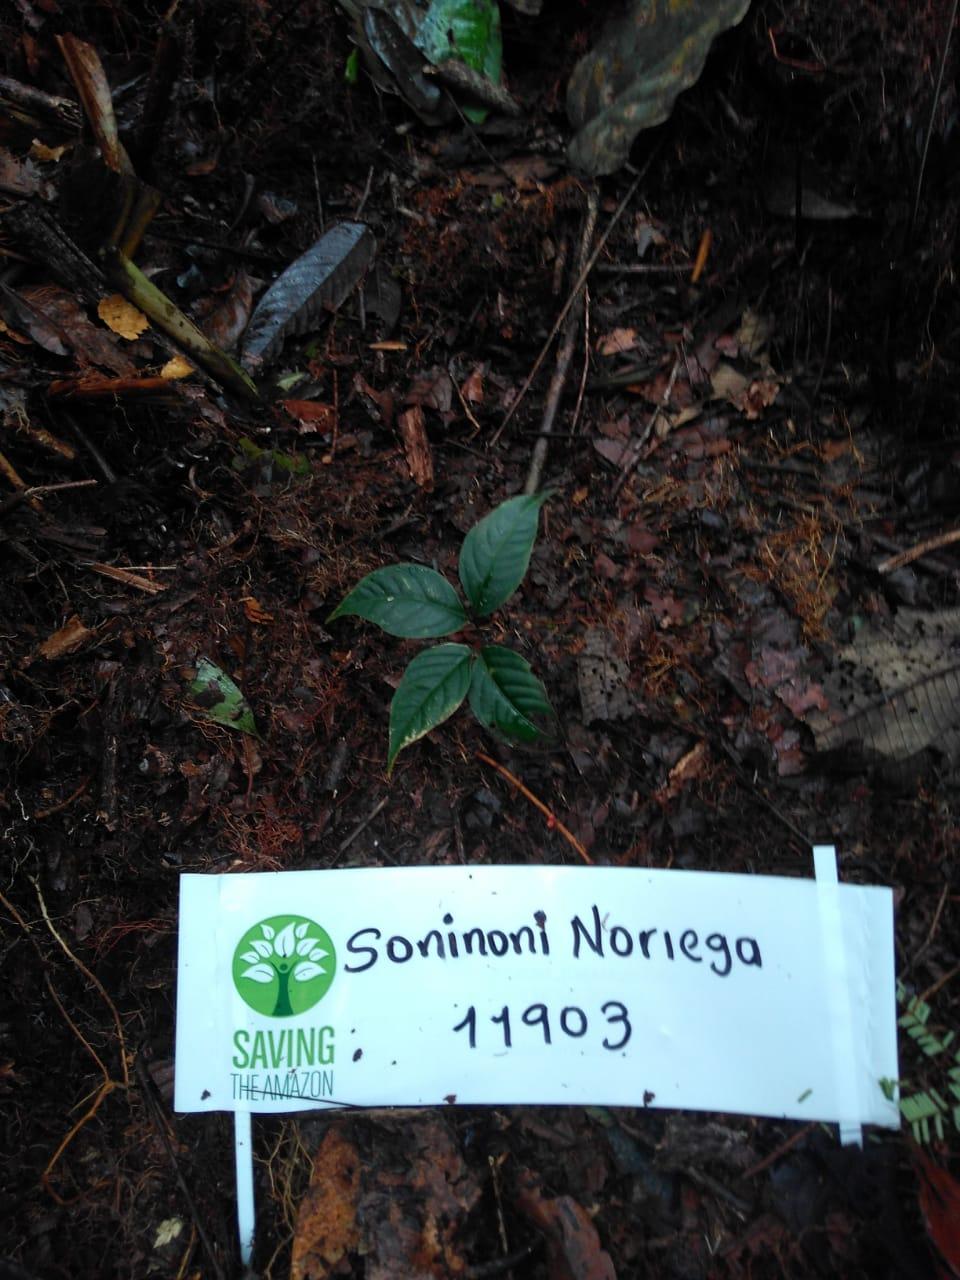 Soninoni Noriega